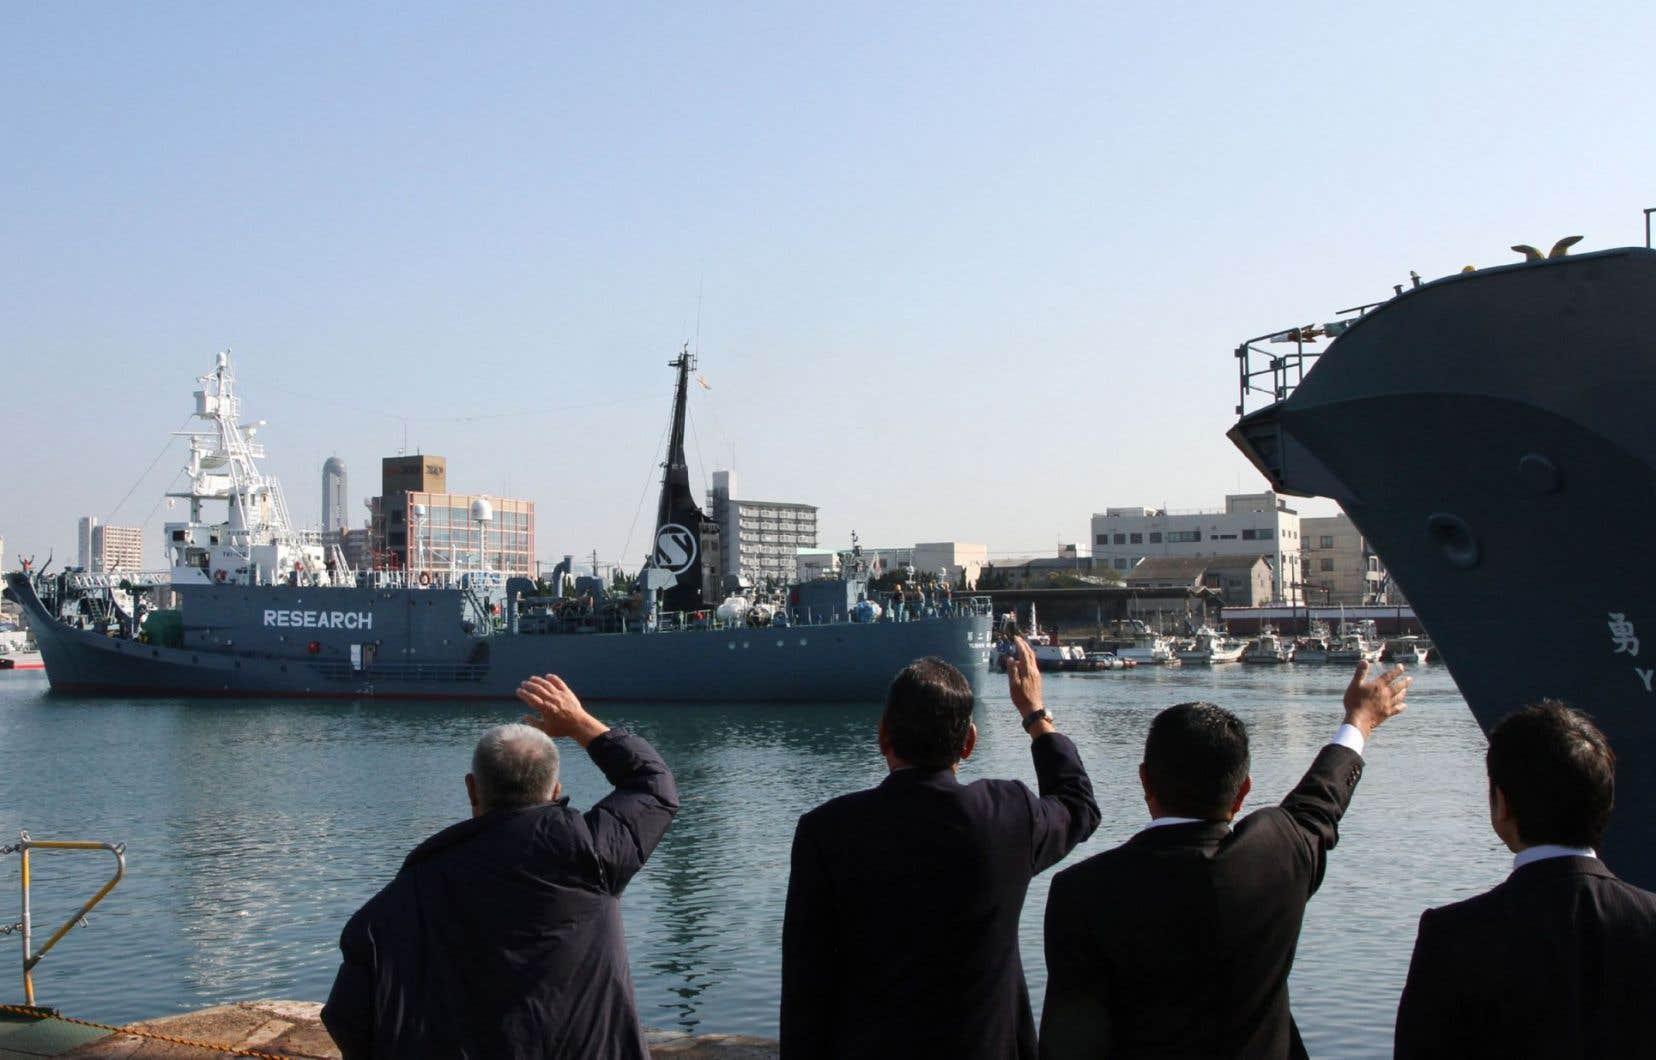 Un baleinier japonais à son départ du port deShimonoseki, en décembre 2015.Pour certains groupes environnementaux, la chasse menée par Tokyo est «illégale».